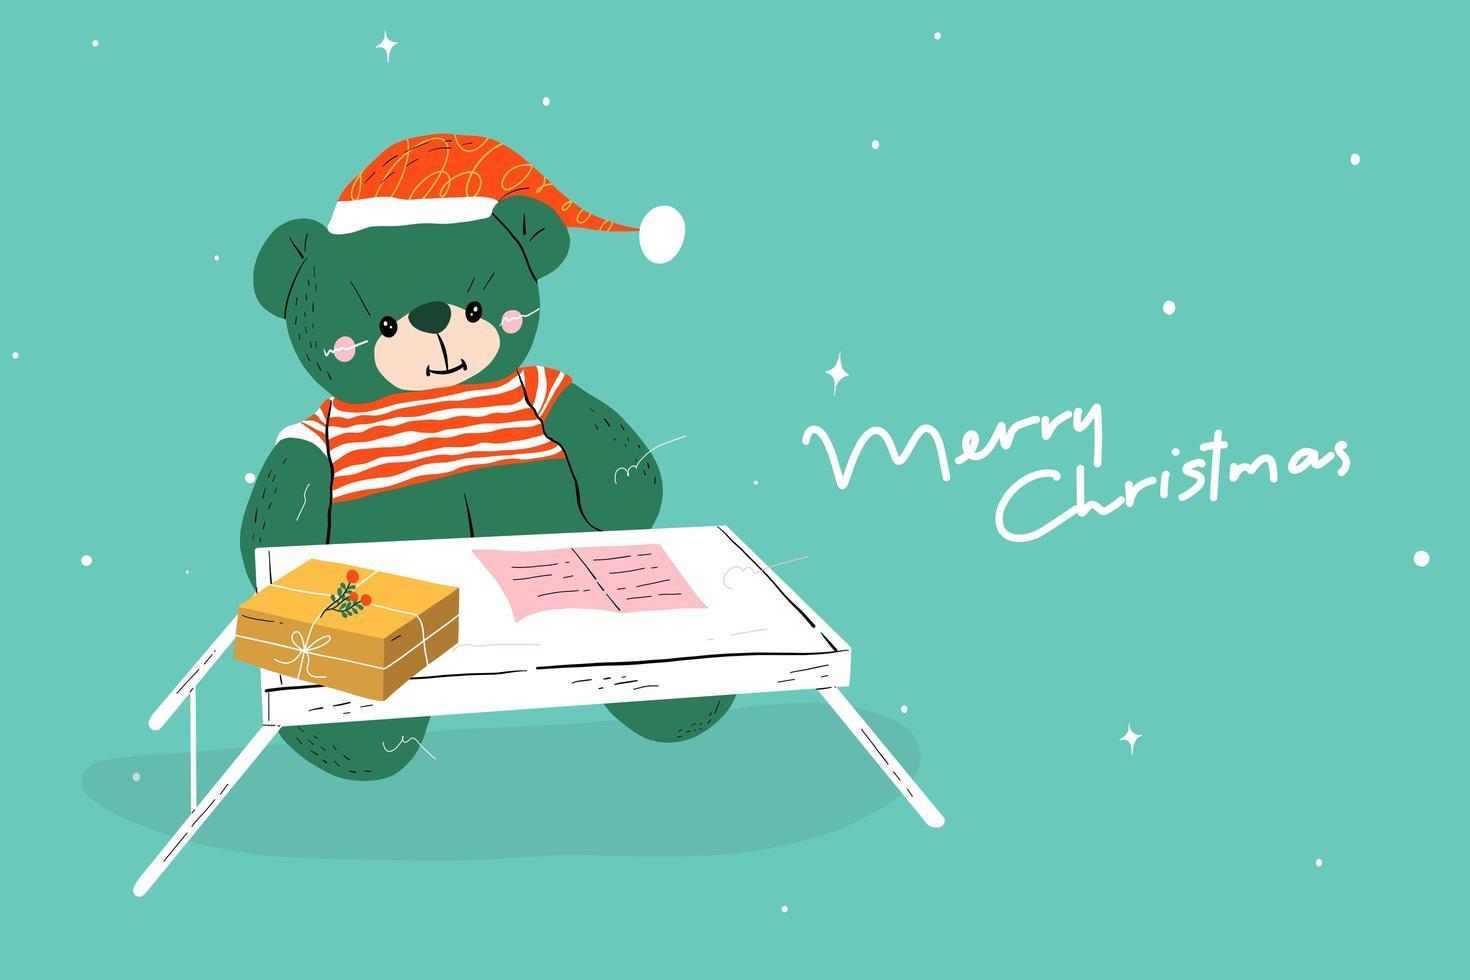 Bär trägt Weihnachtsmann Hut Postkarte vektor